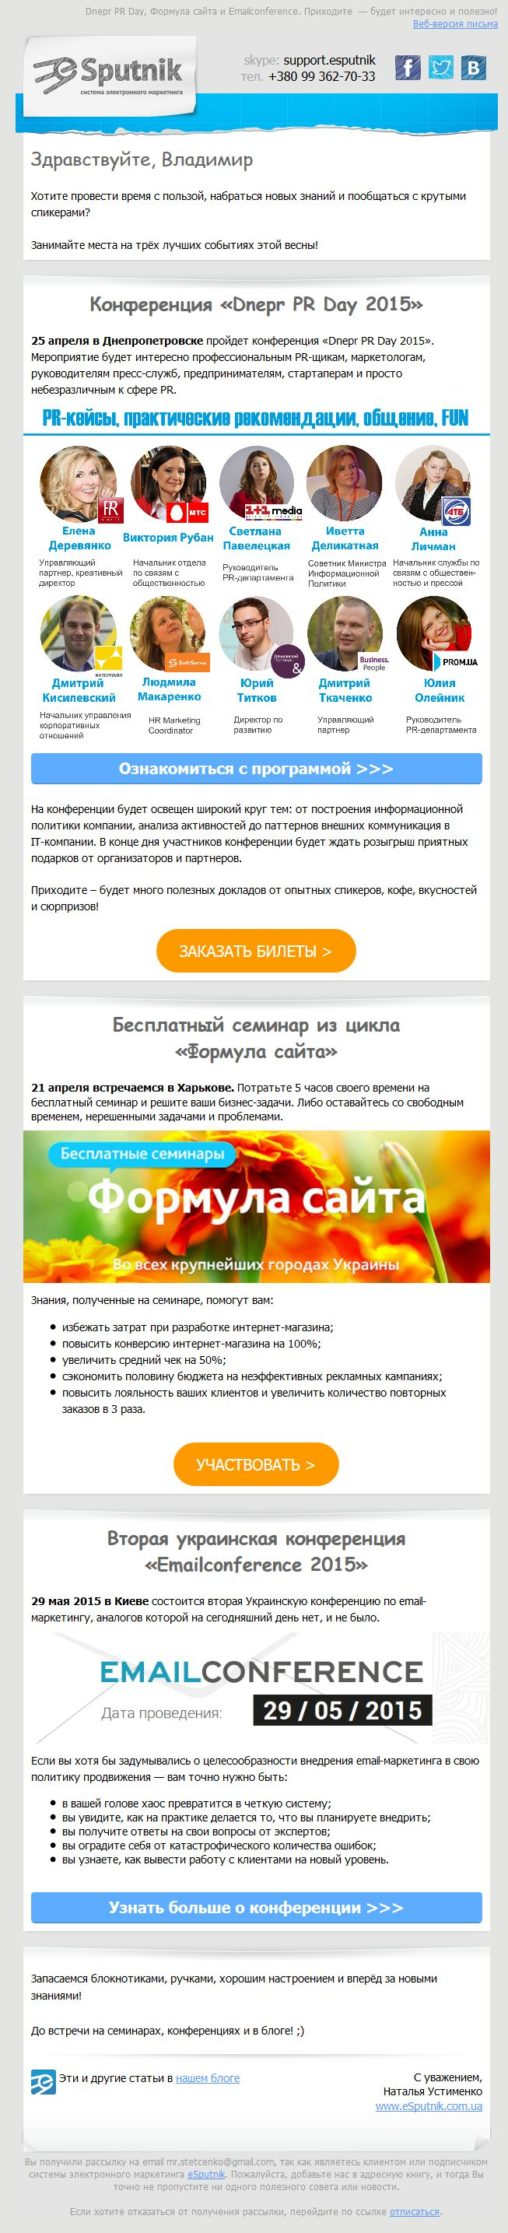 Esputnik. Назначаю Вам встречу на трёх классных конференциях весны